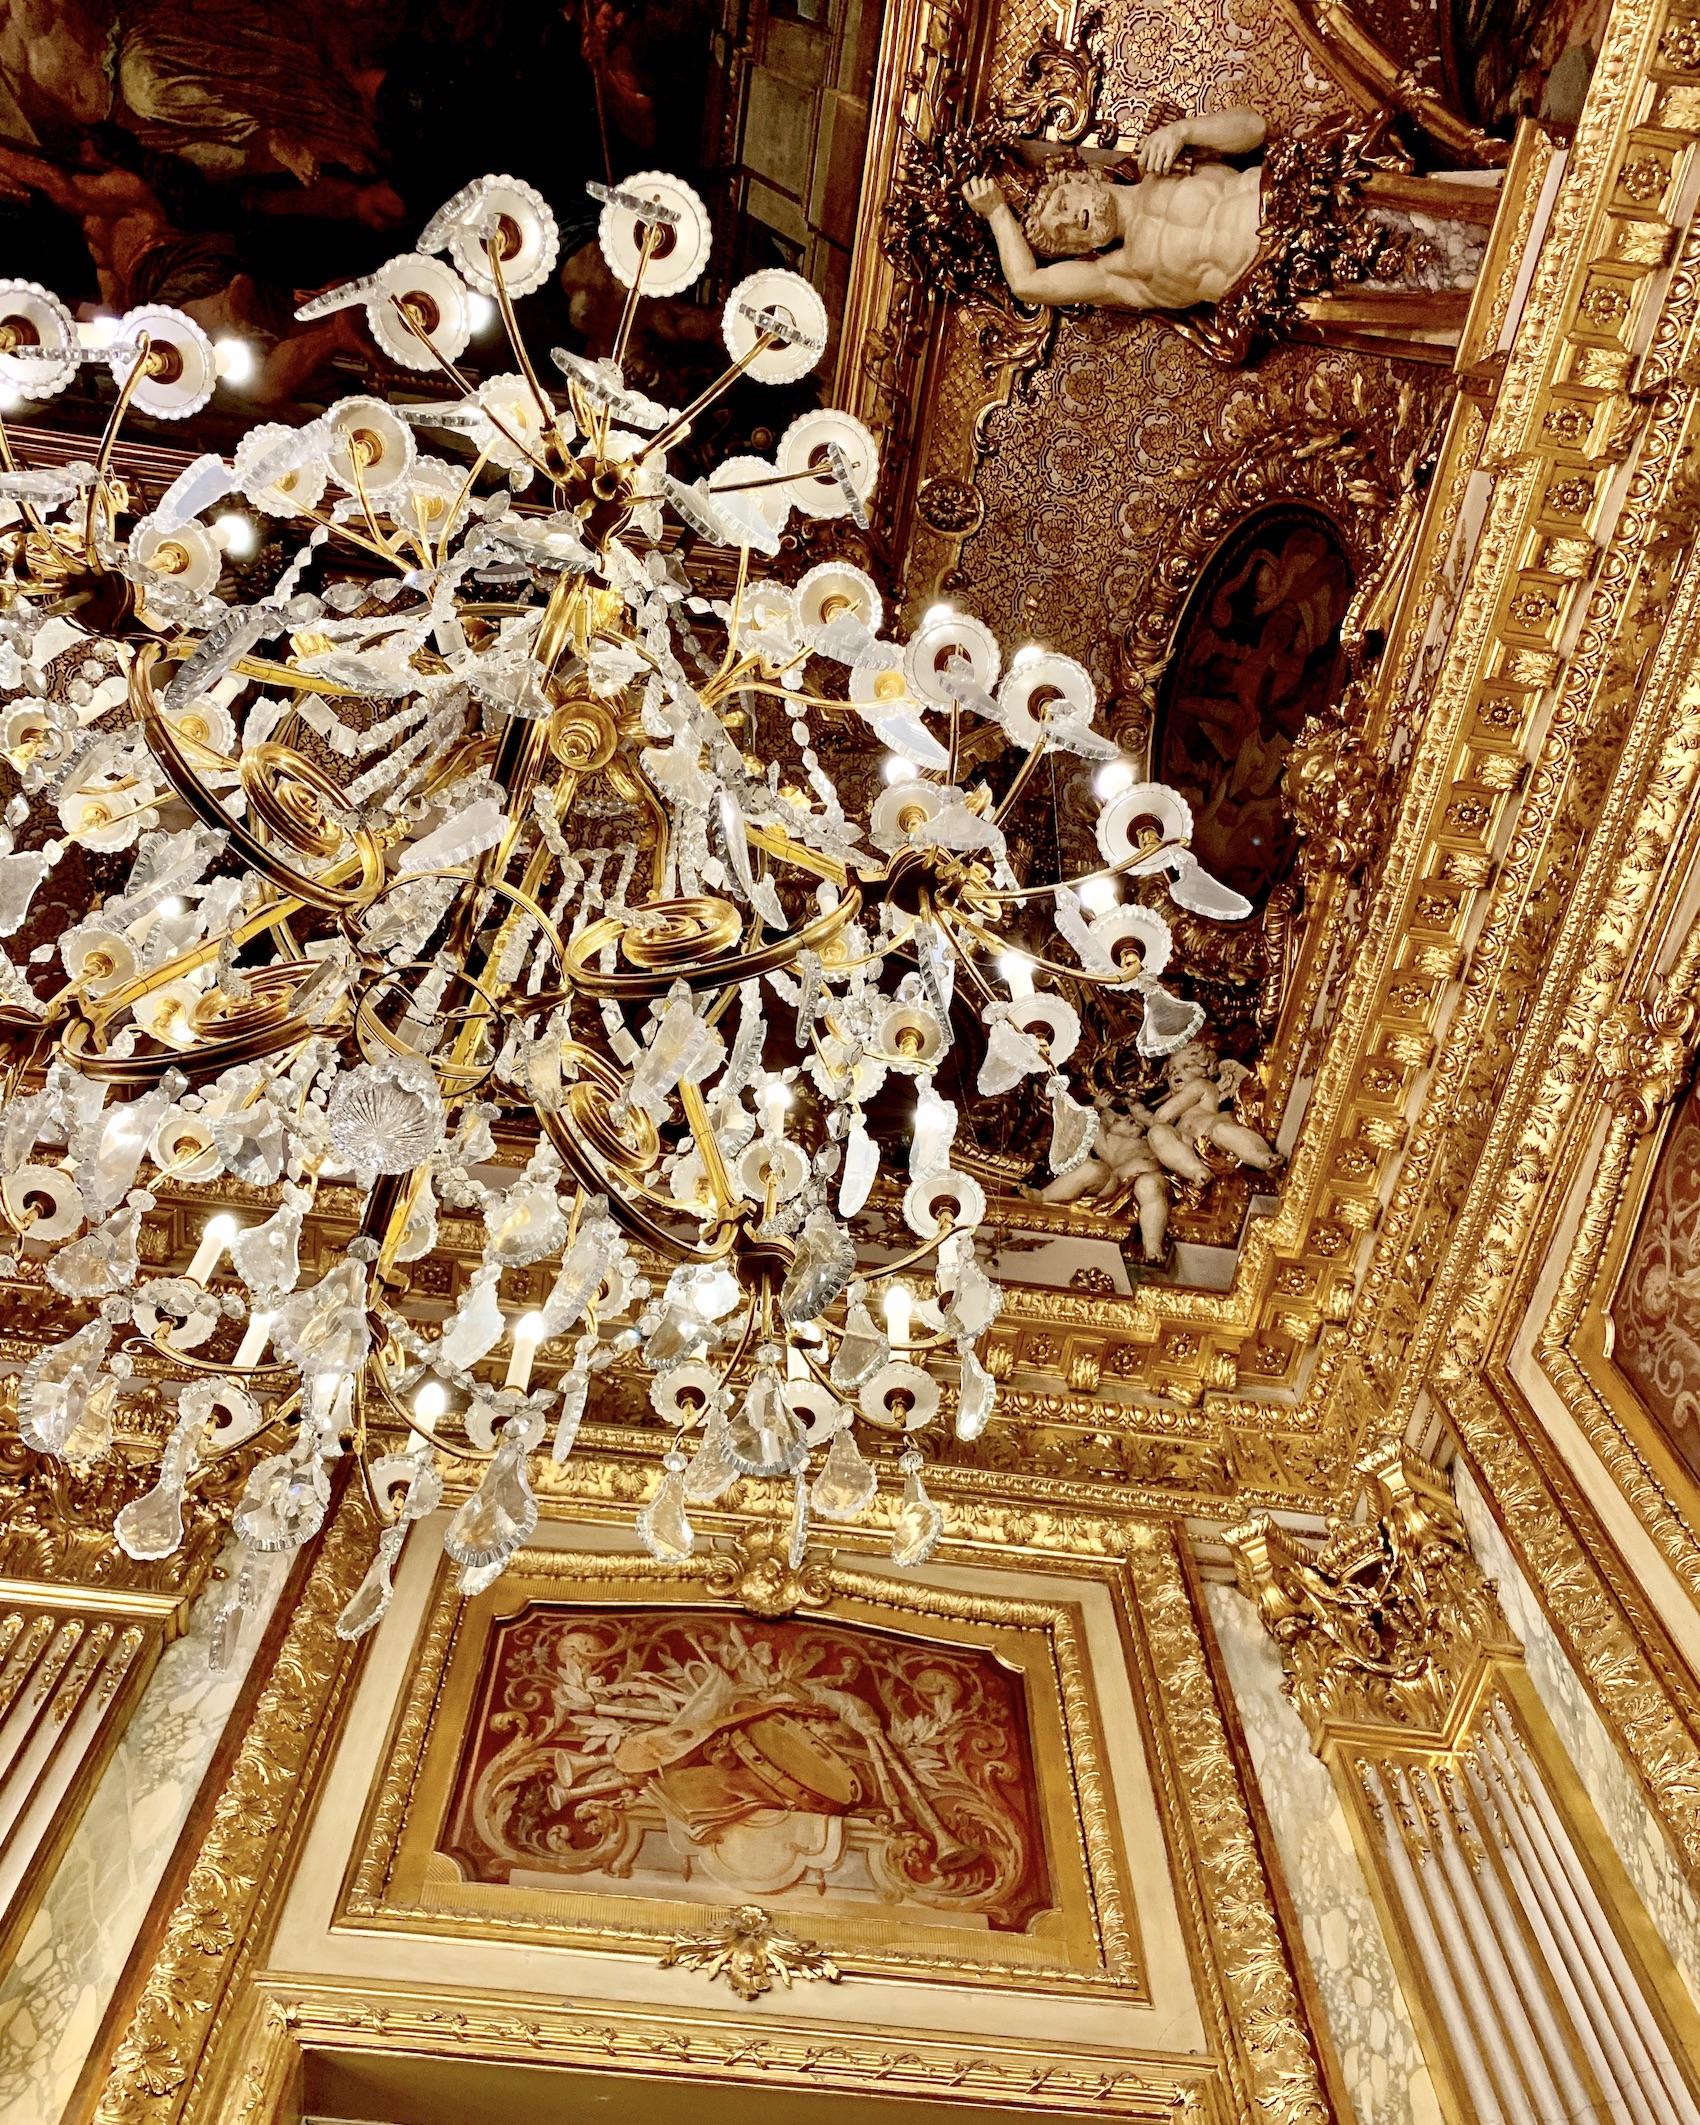 Louis XIV Style decor